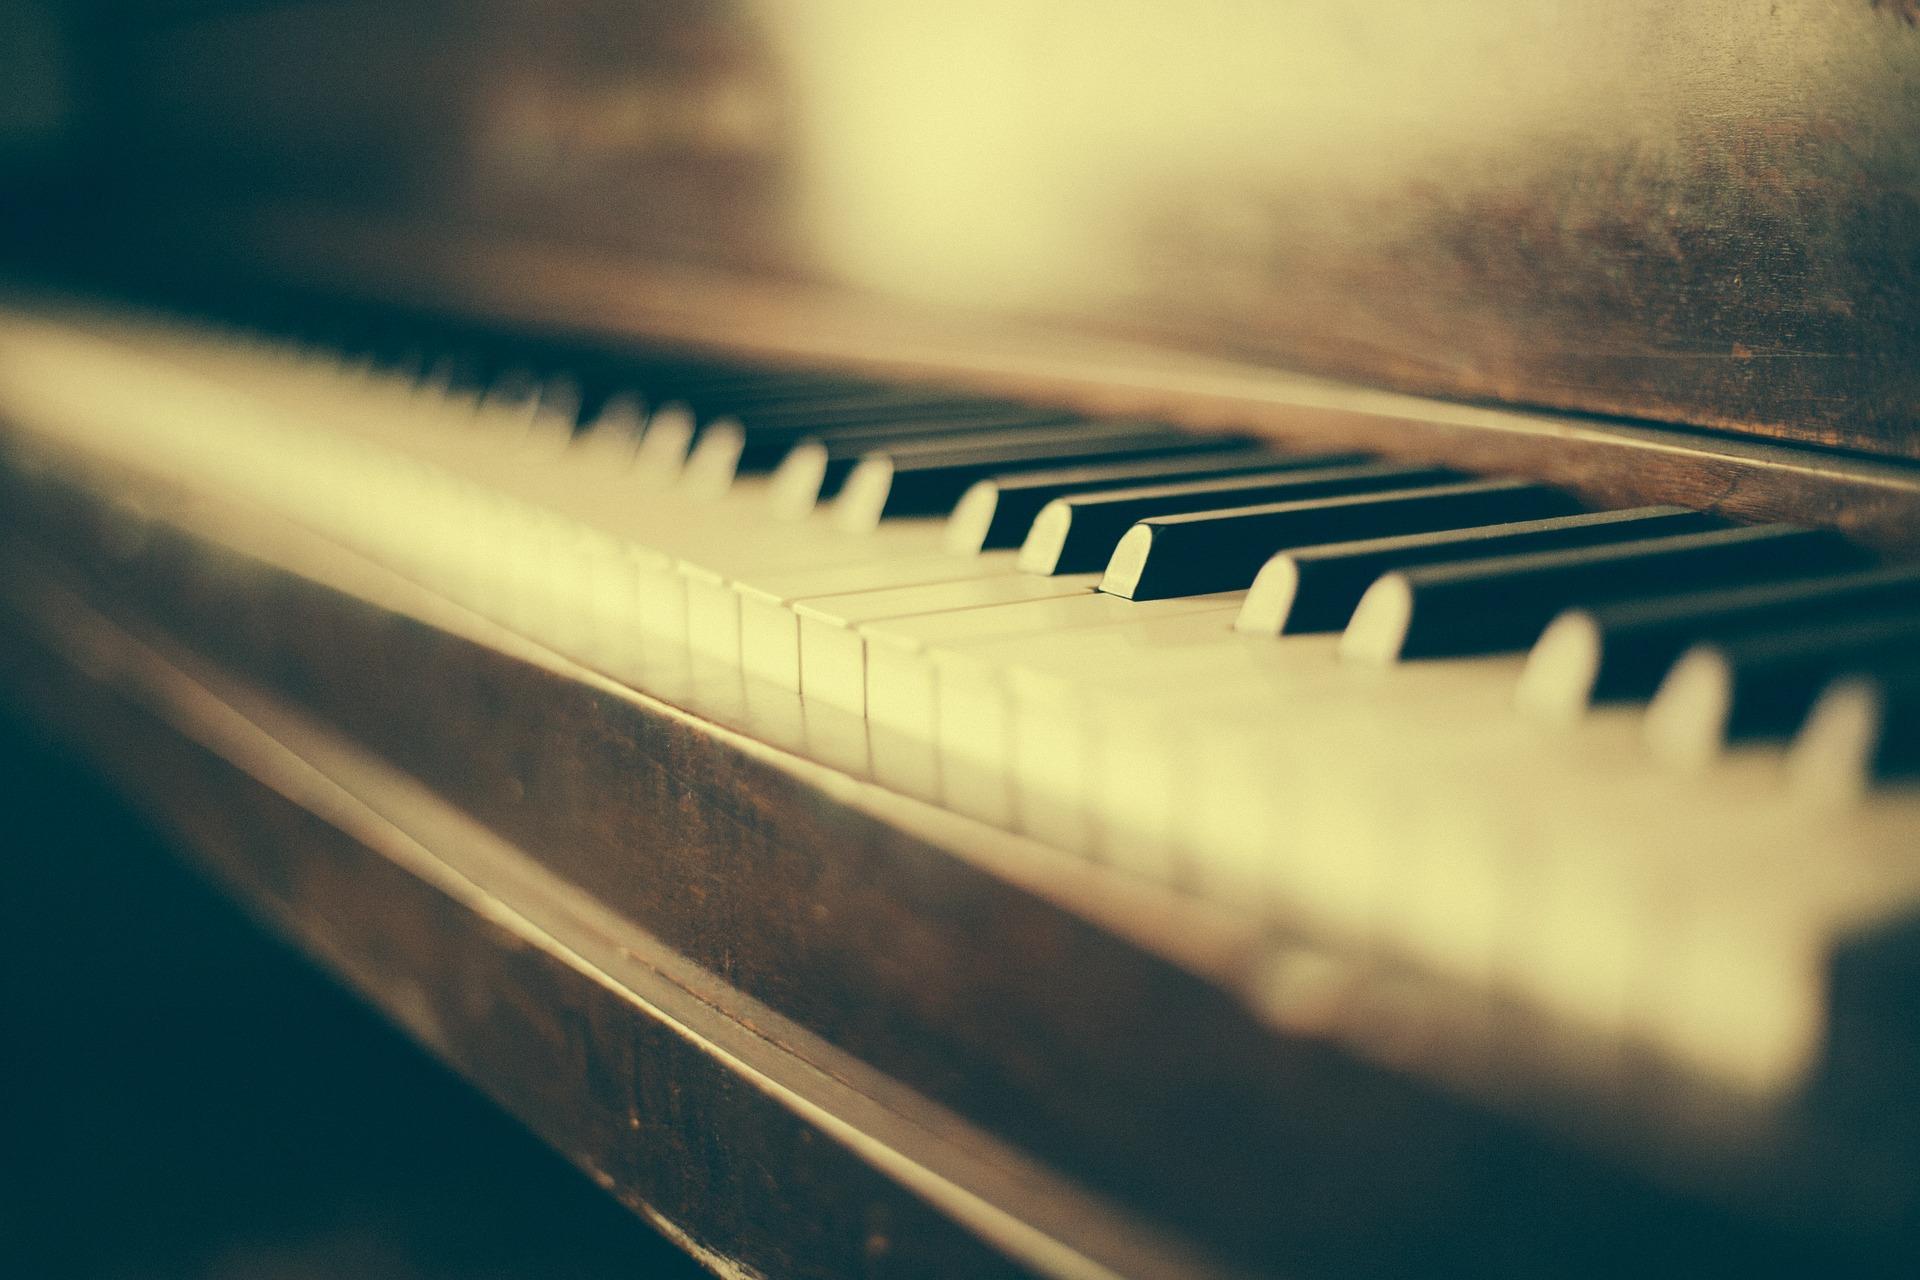 piano-349928_1920 (1)